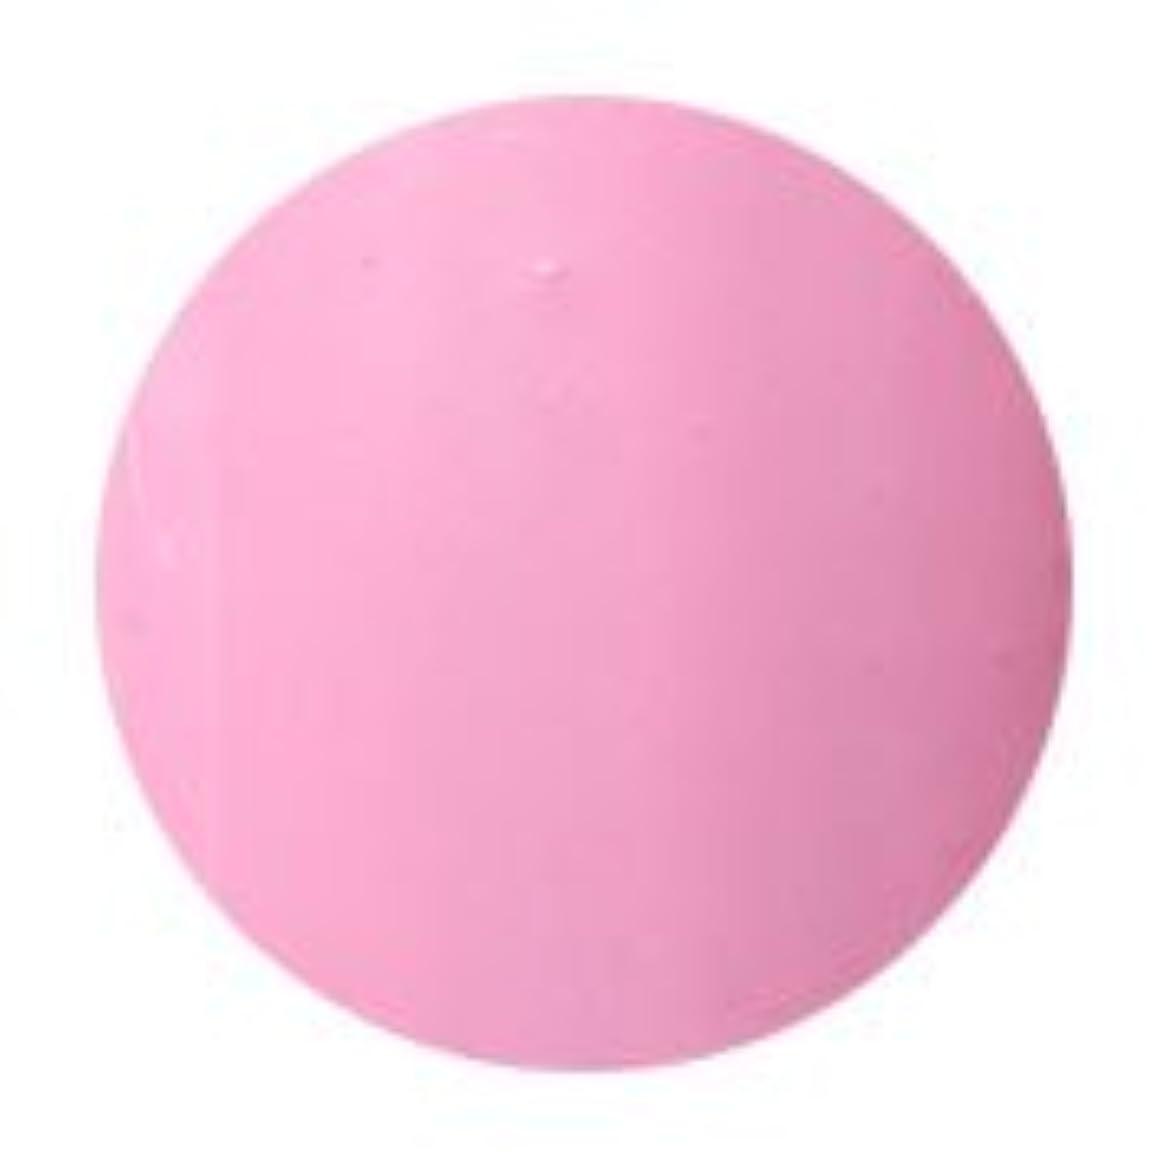 自宅でたまに印象派Putiel(プティール) カラージェル キャンディ 3g<BR>C11 ミルクピンク